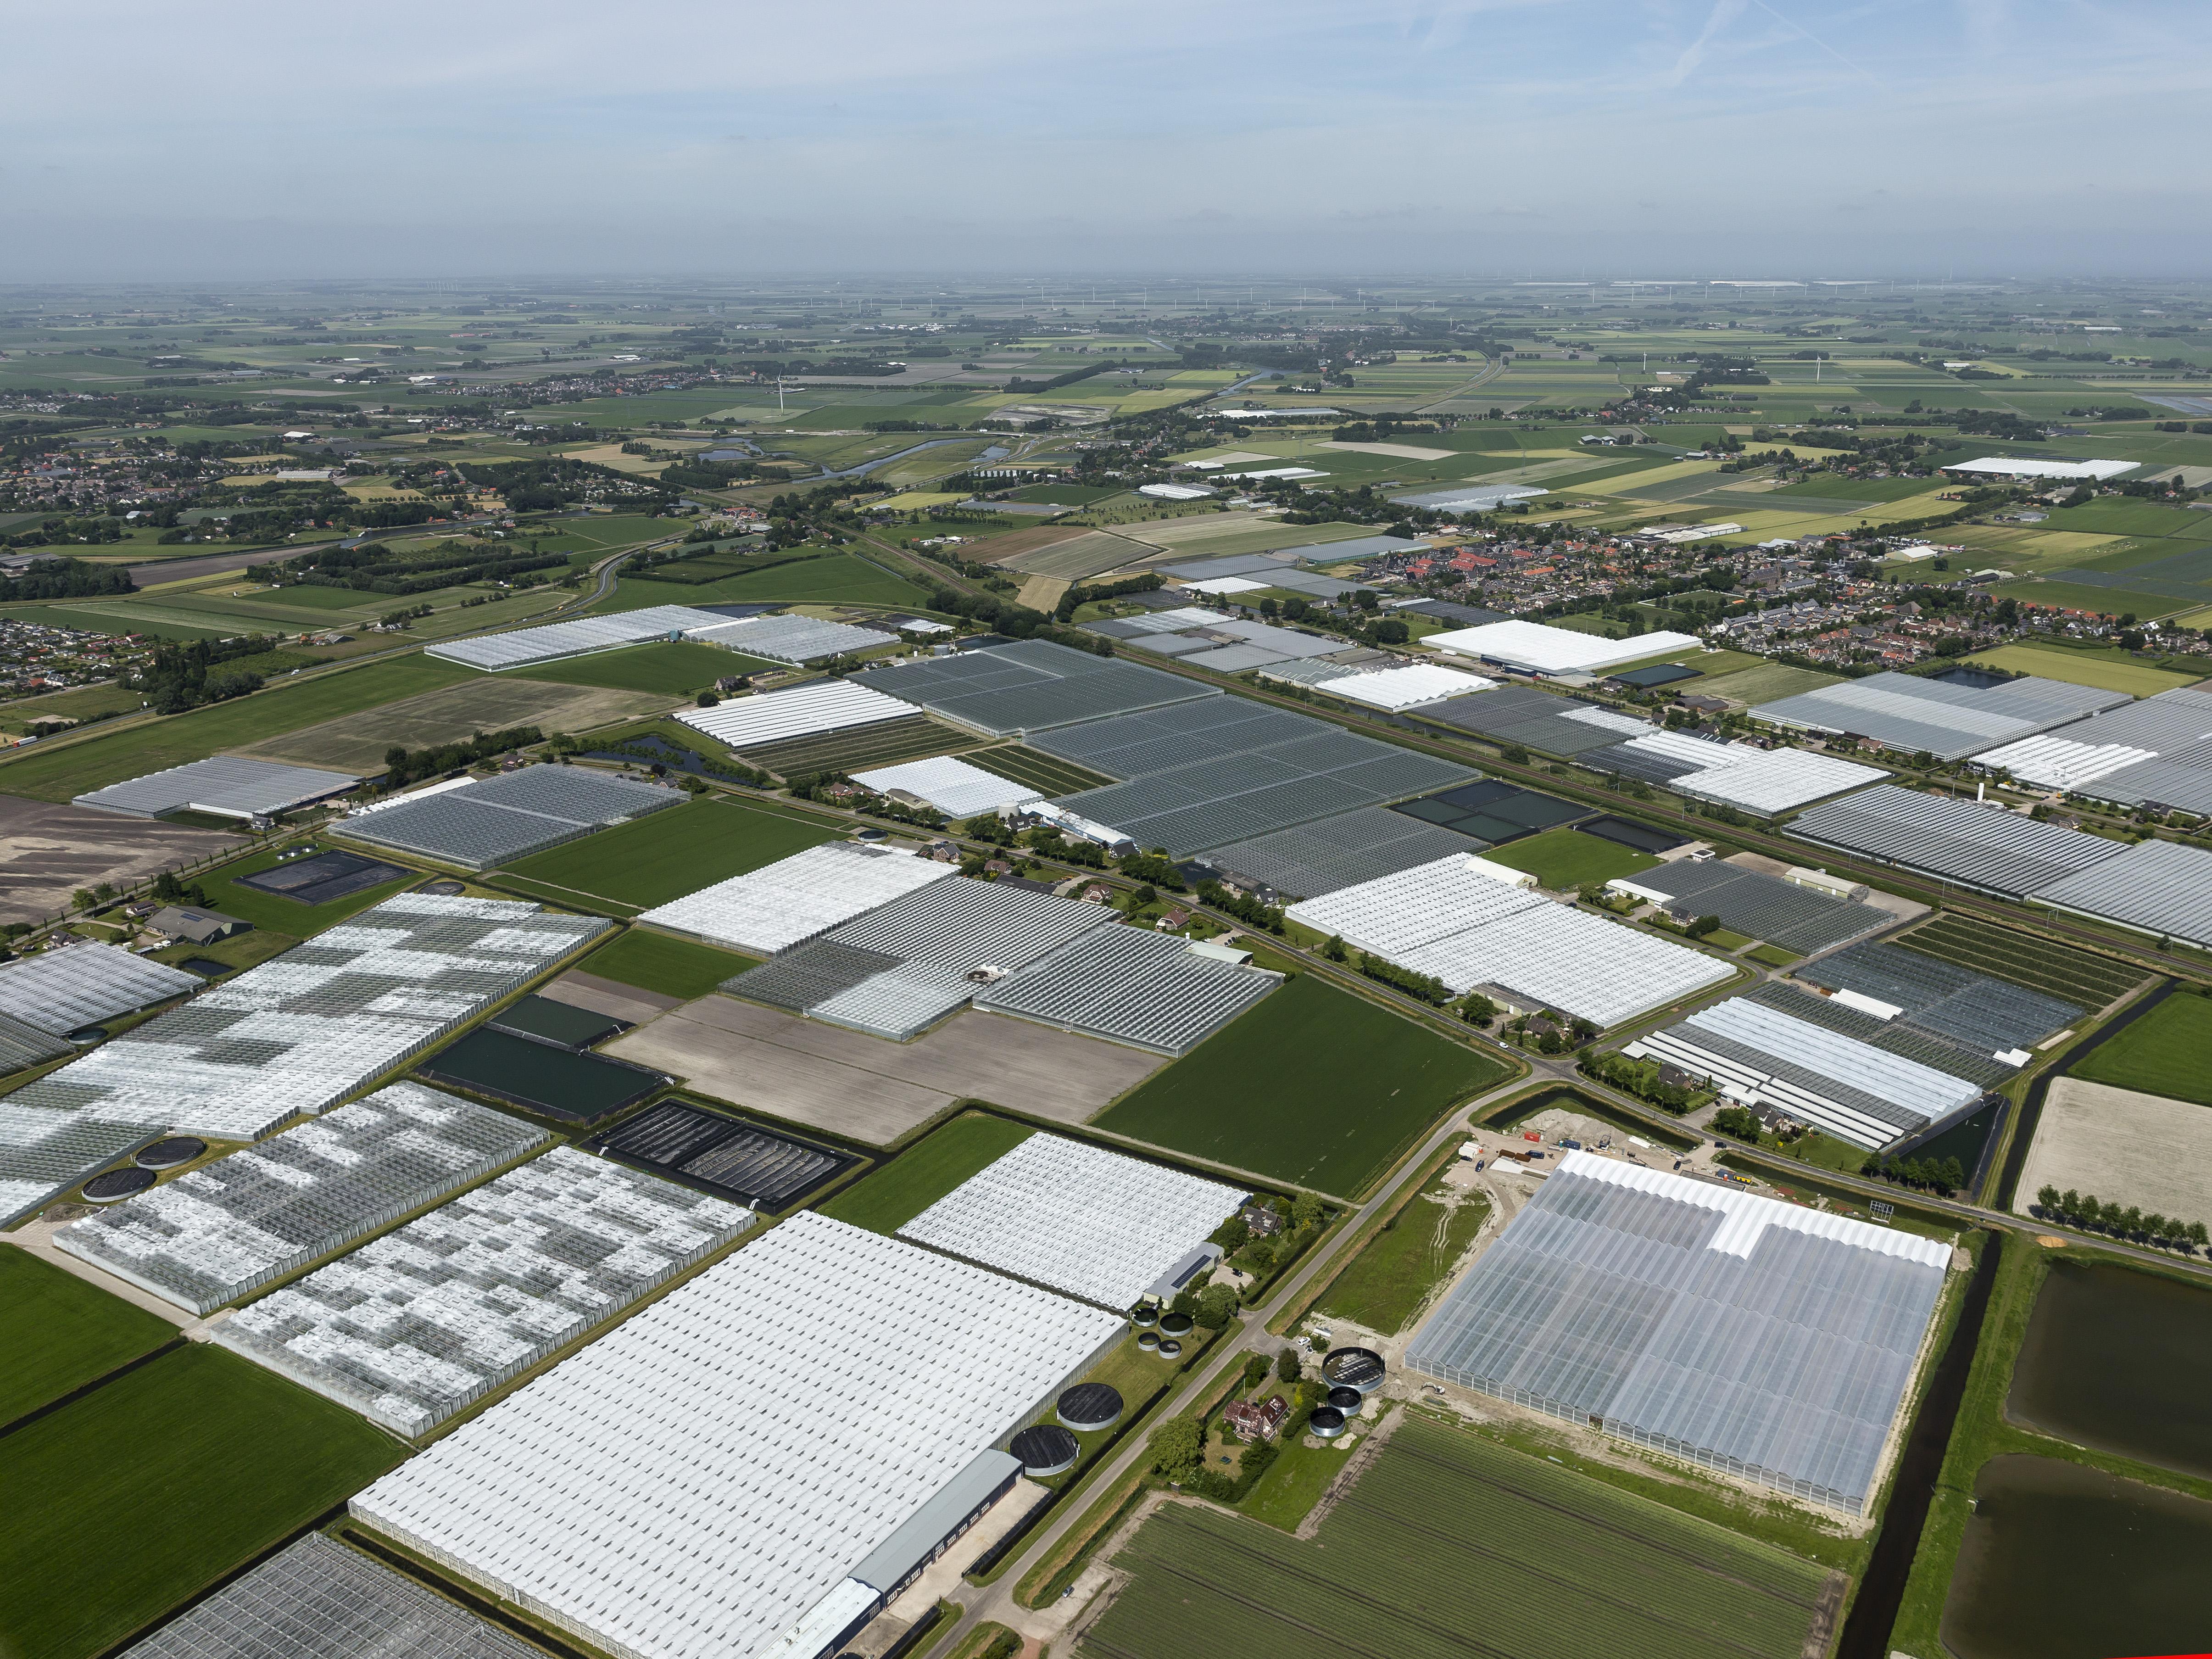 Komst windturbines noodzakelijk voor ambitieuze duurzaamheidsambties glastuinbouwgebied Alton